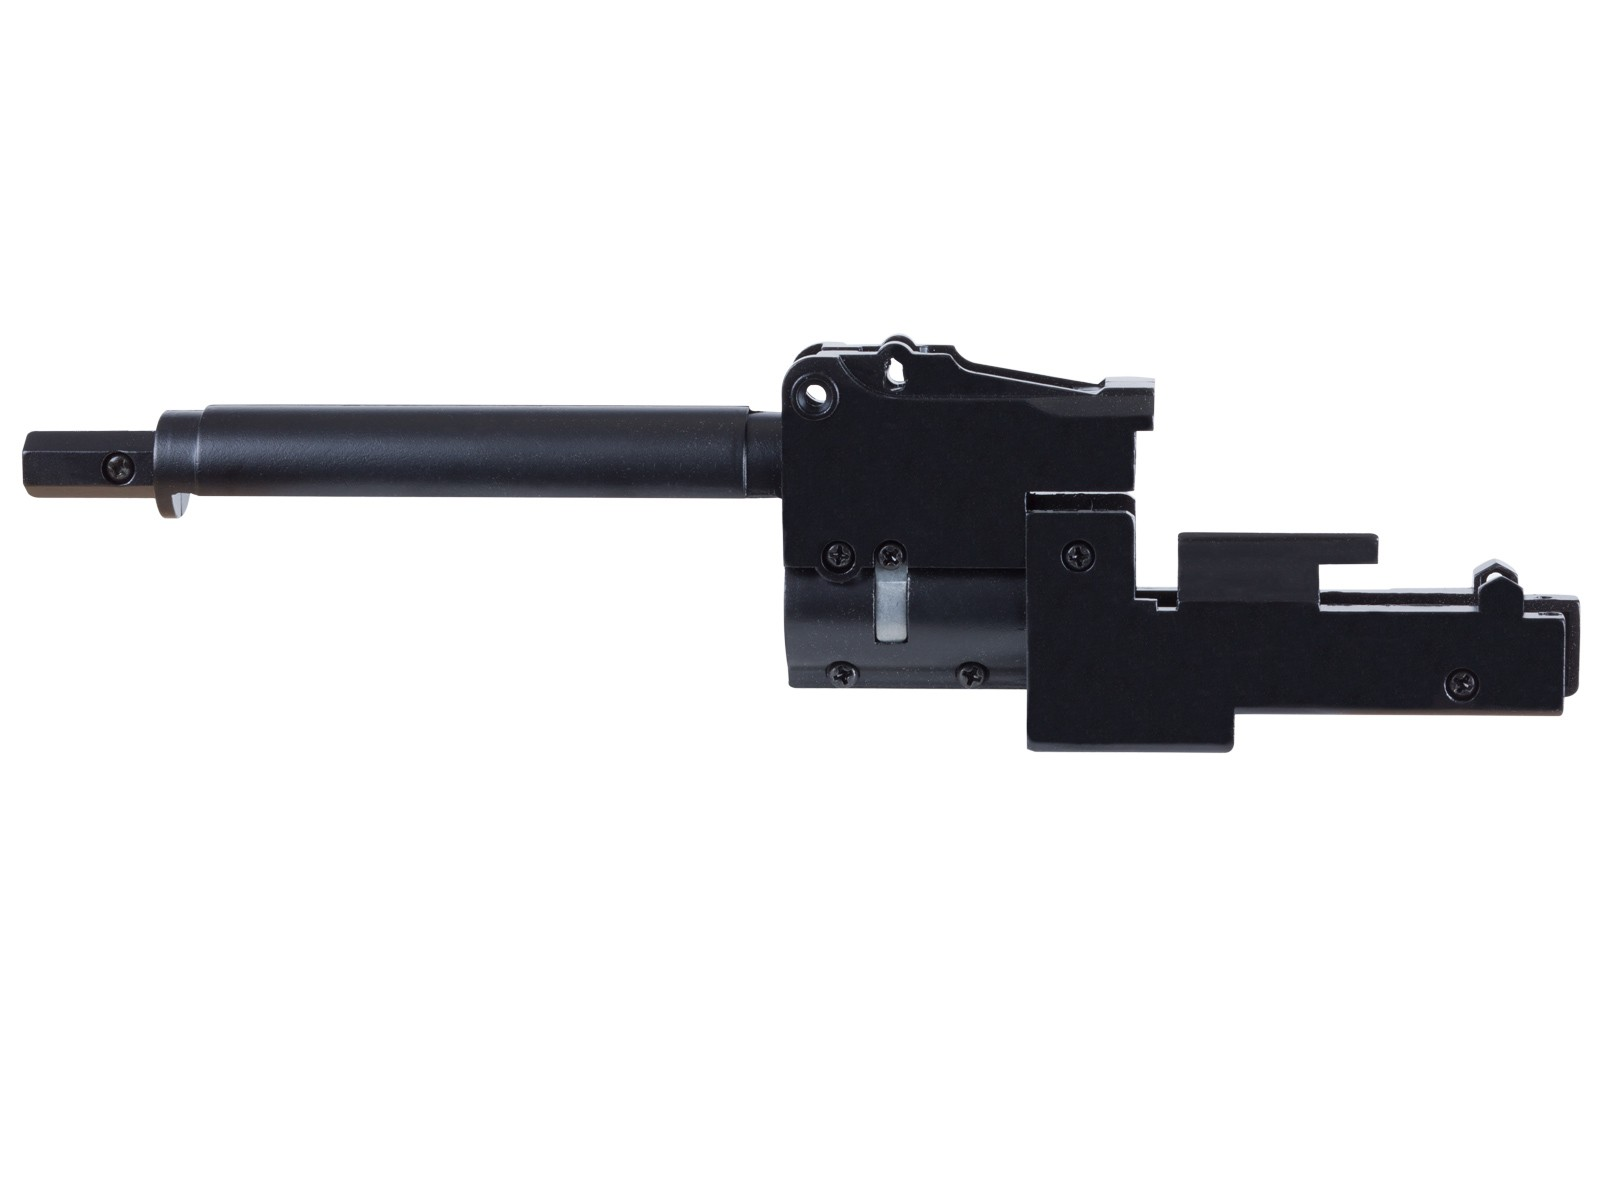 SRC SAK-31, Rear.